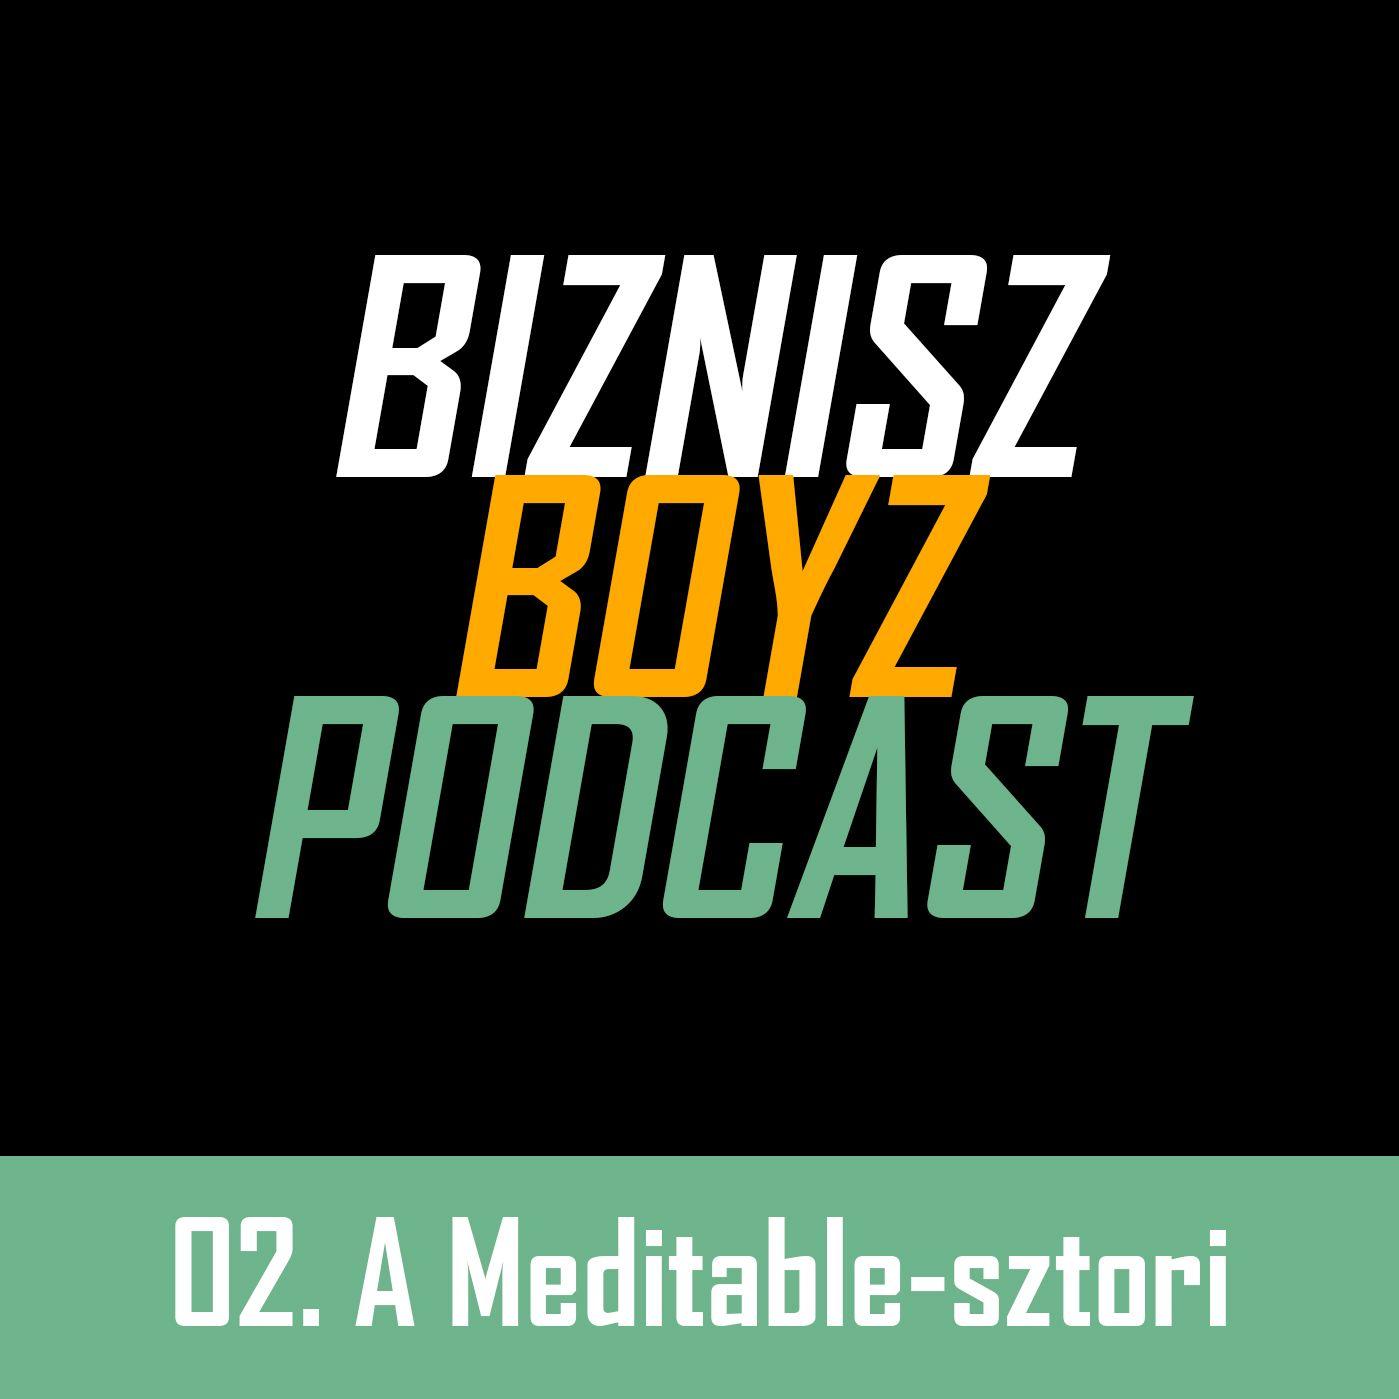 2. Meditációs app fejlesztése, app marketing és befektetés: a Meditable-sztori   Biznisz Boyz